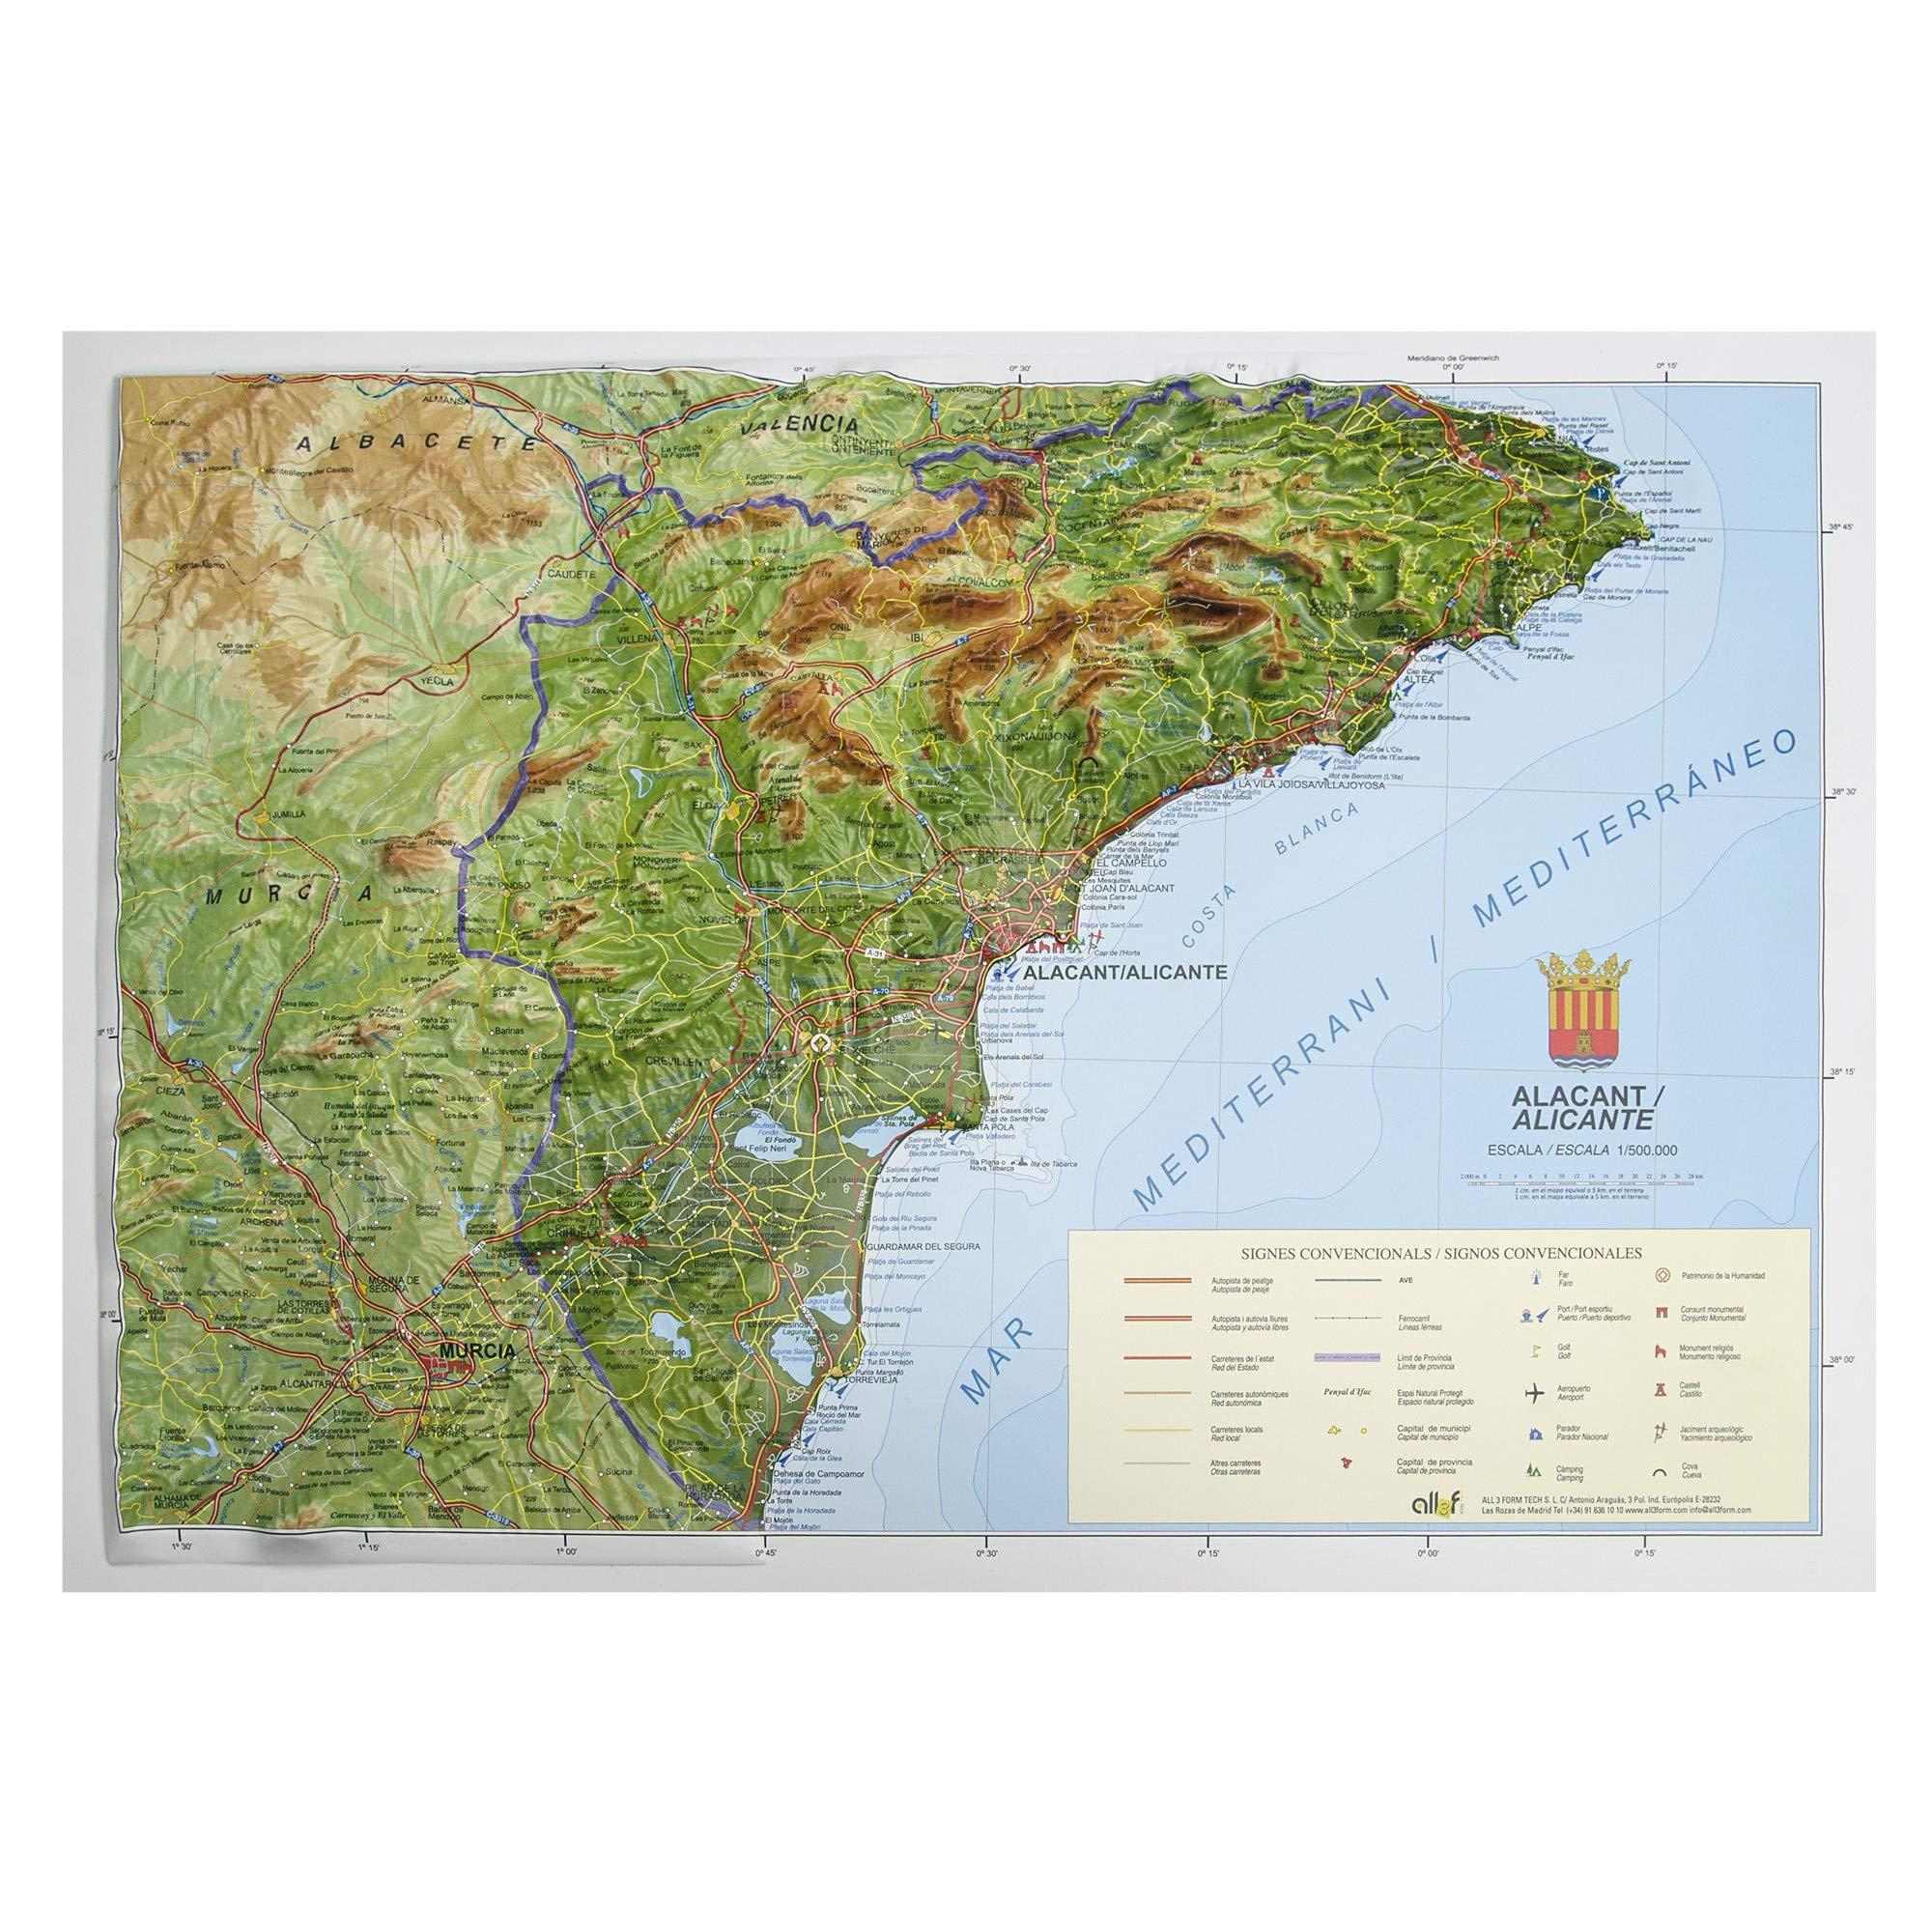 Mapa en relieve de Alicante: Escala 1:150.000: Amazon.es: All 3D Form, S.L.: Libros